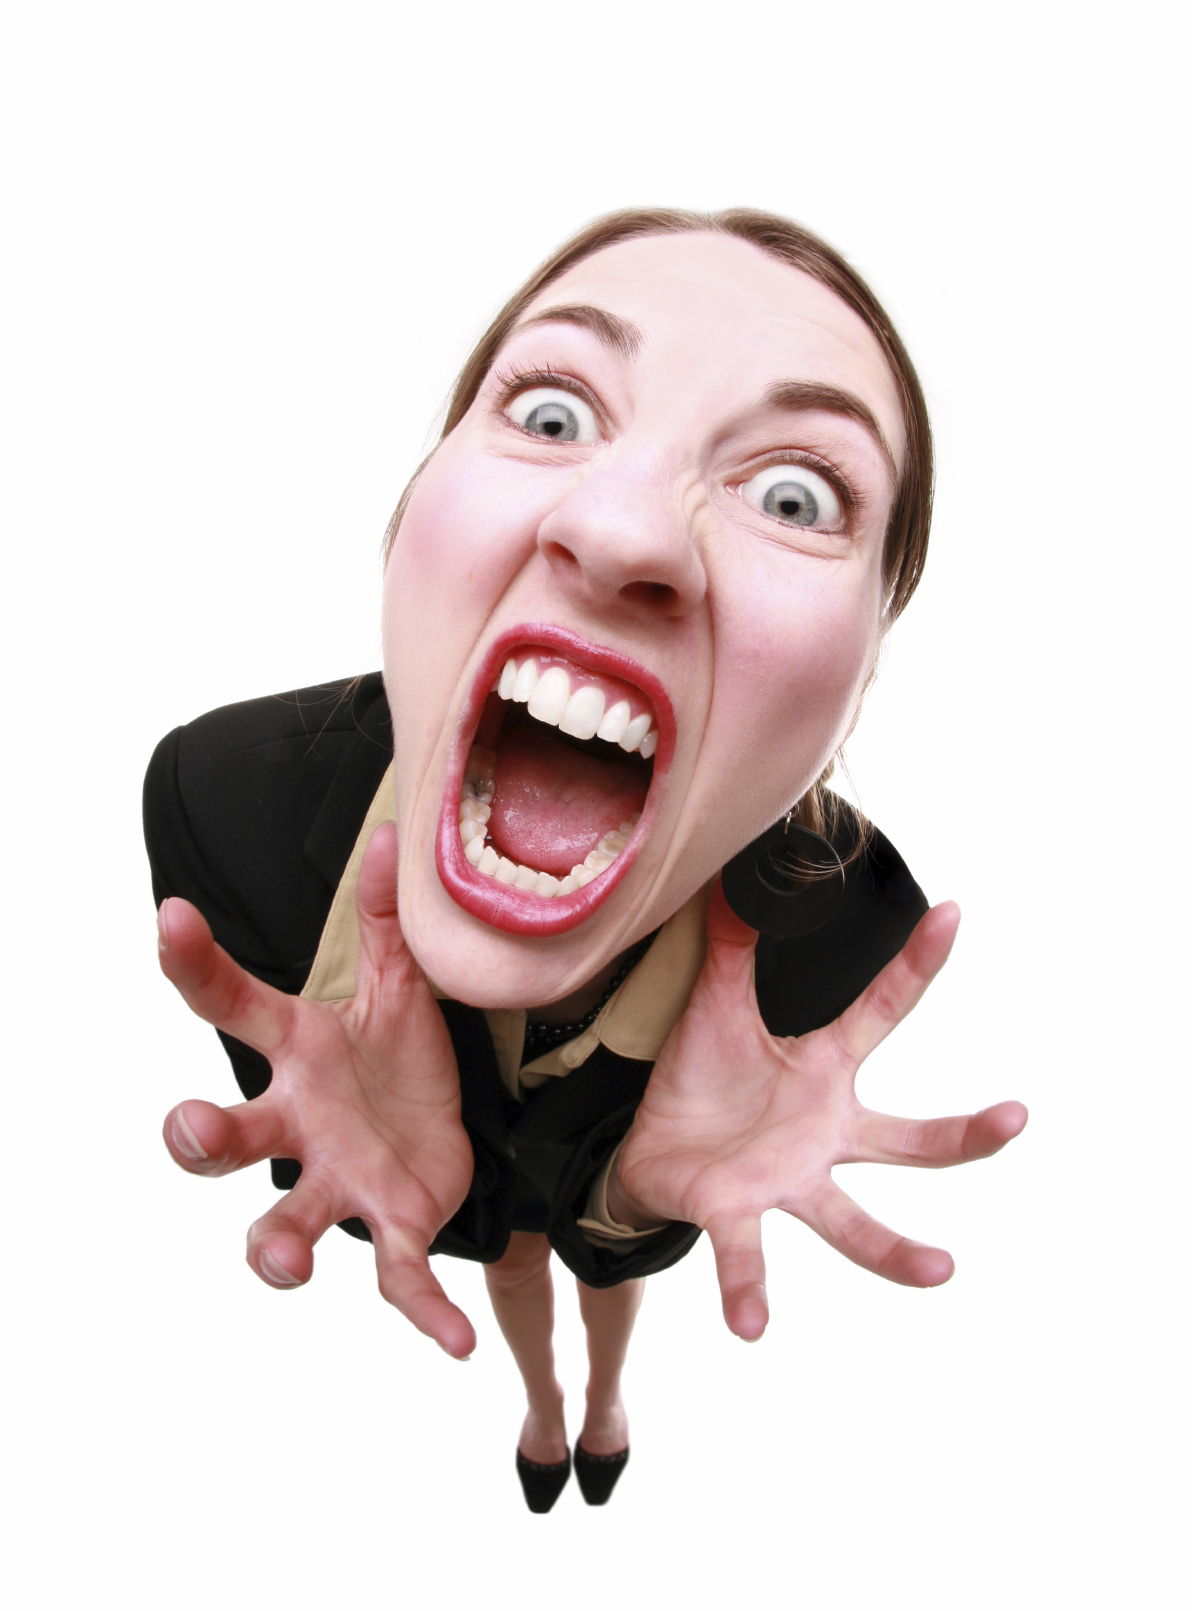 https://i0.wp.com/www.tips-tricks.net/wp-content/uploads/2010/11/anger-management.jpg